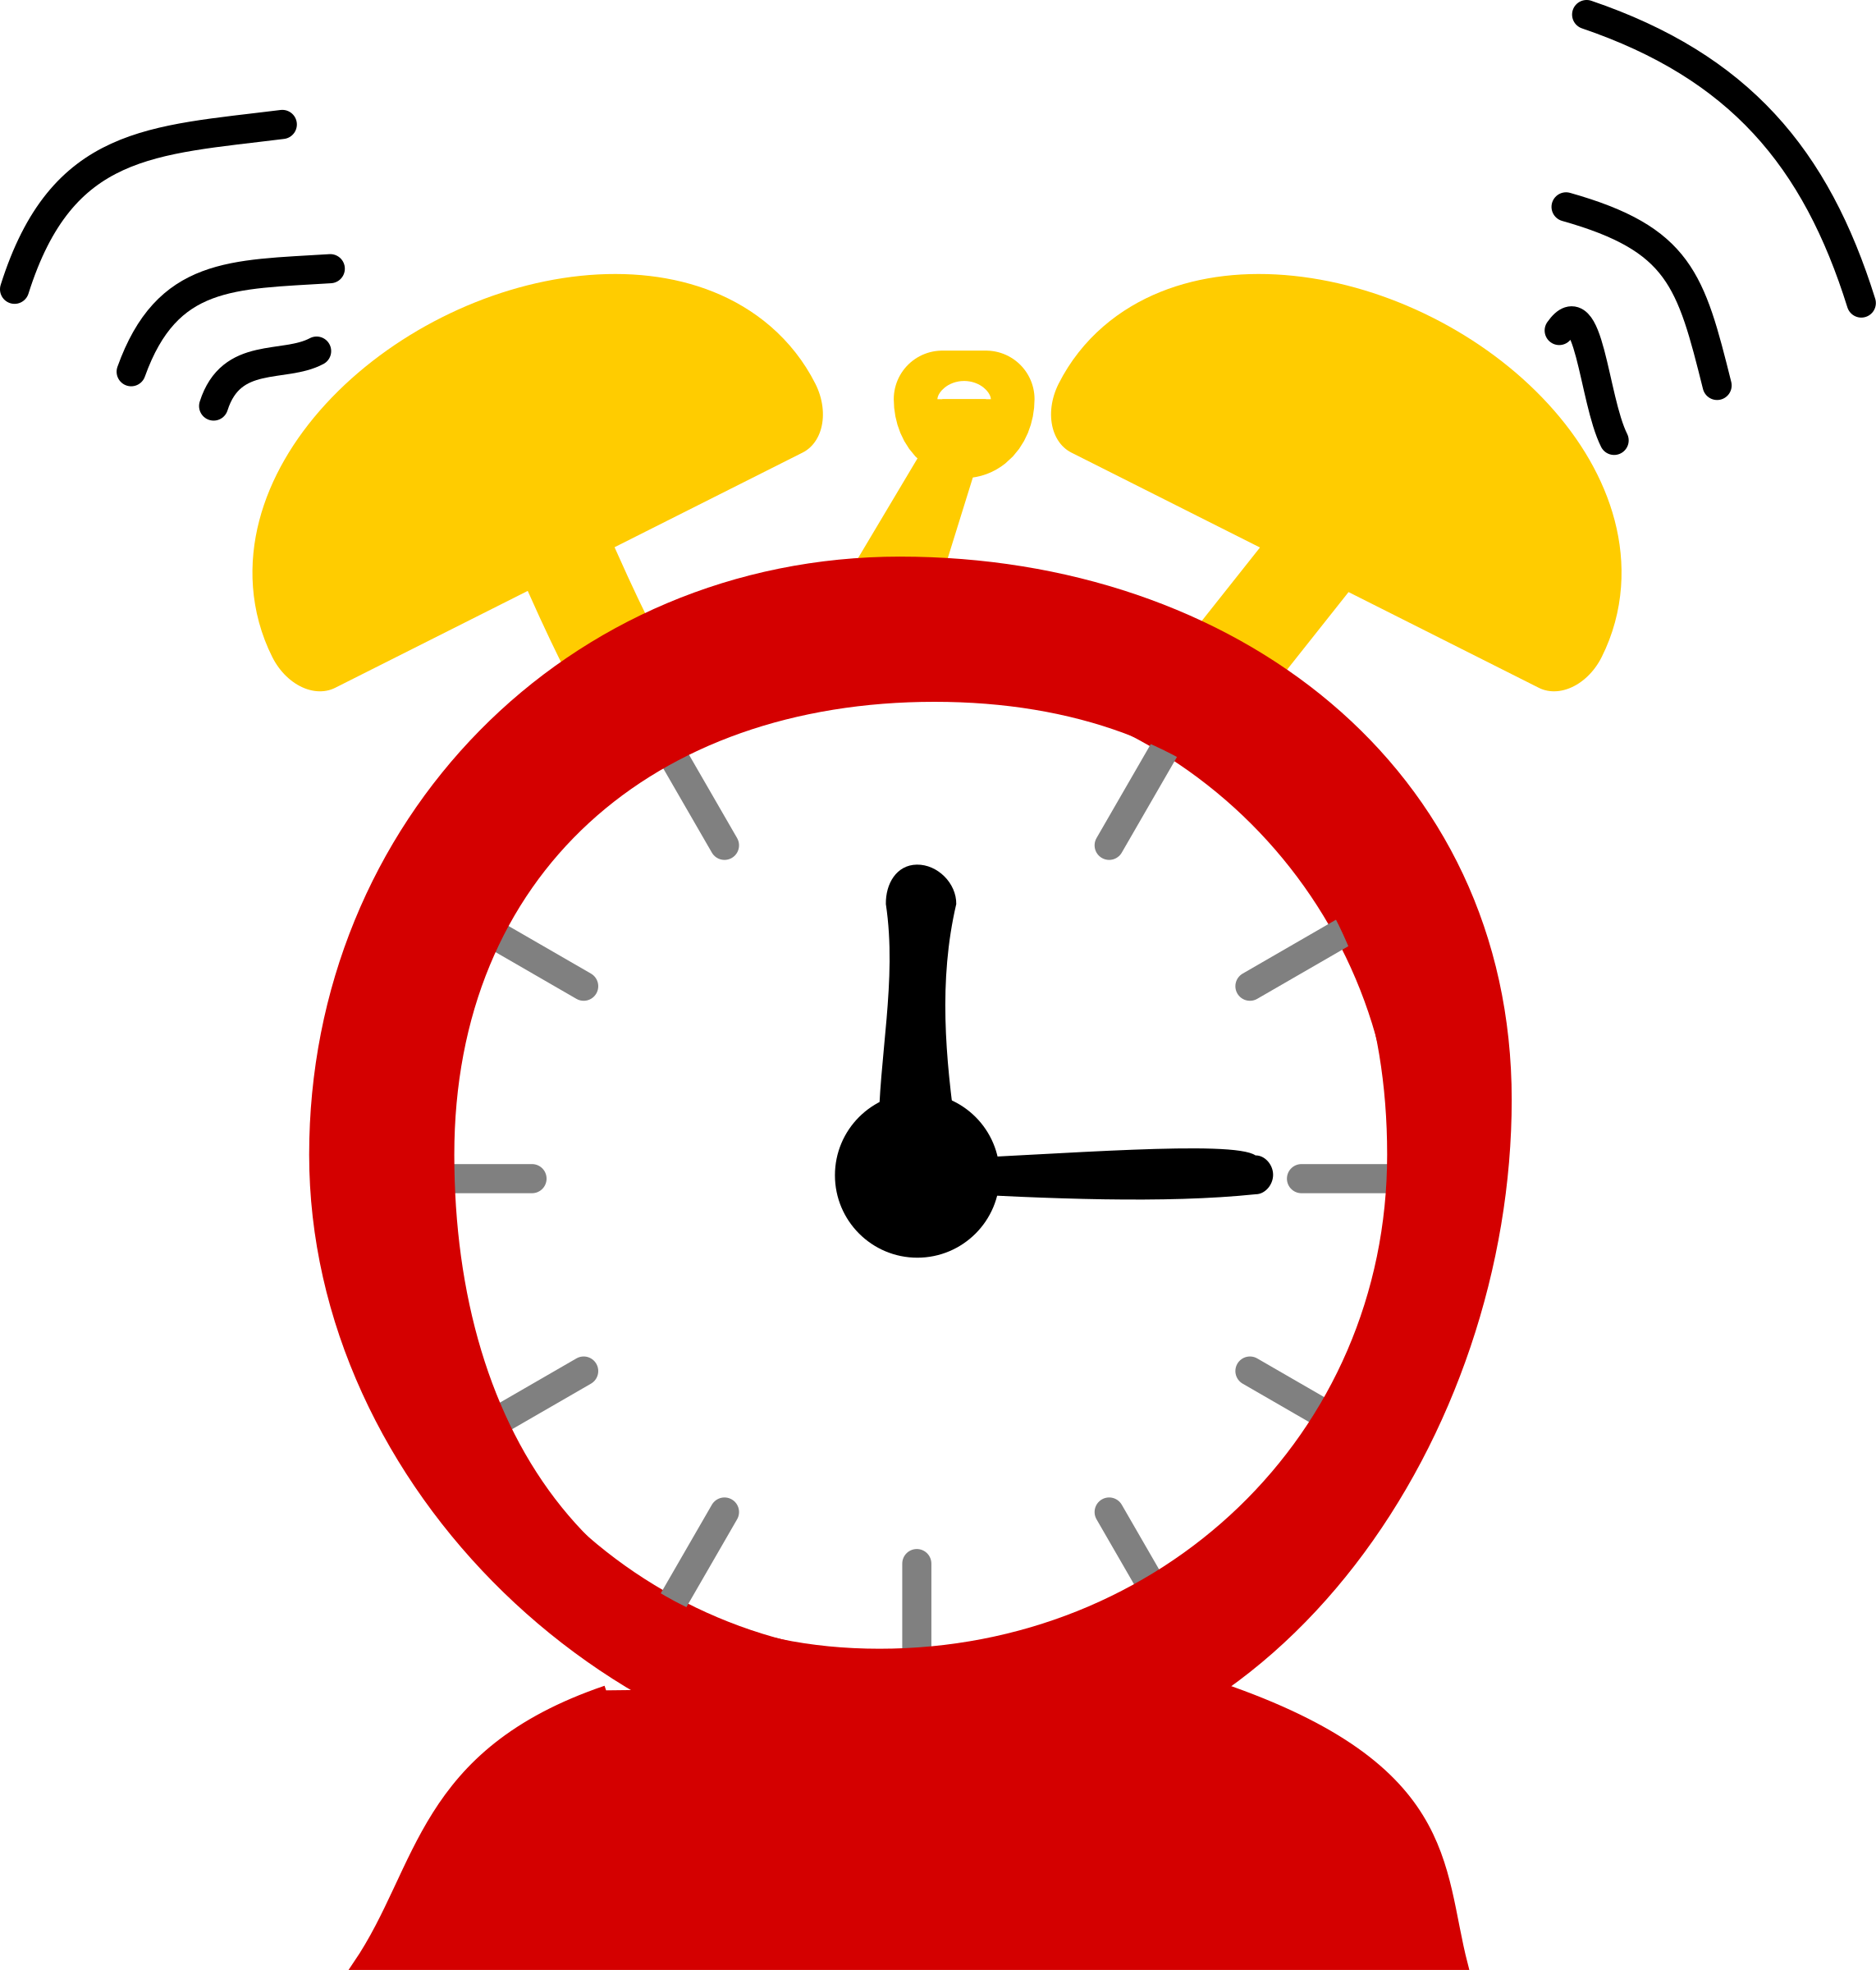 Digital Alarm Clock Clipart